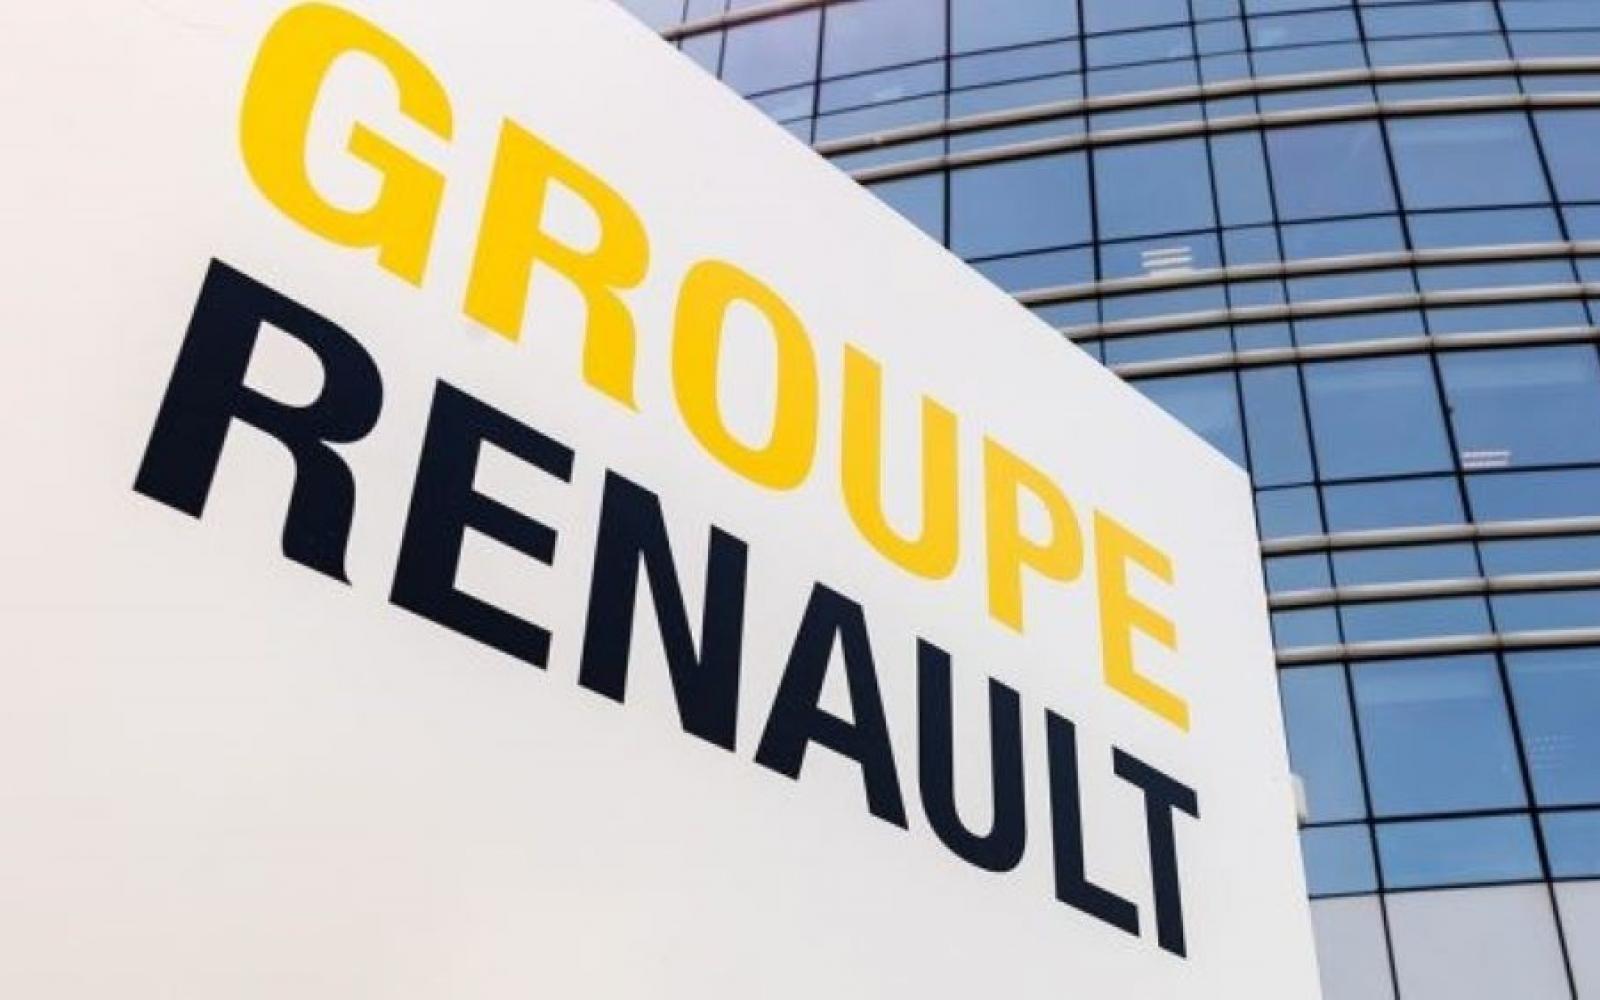 Coronaverlies: Renault heeft nog nooit zo diep in het rood gestaan